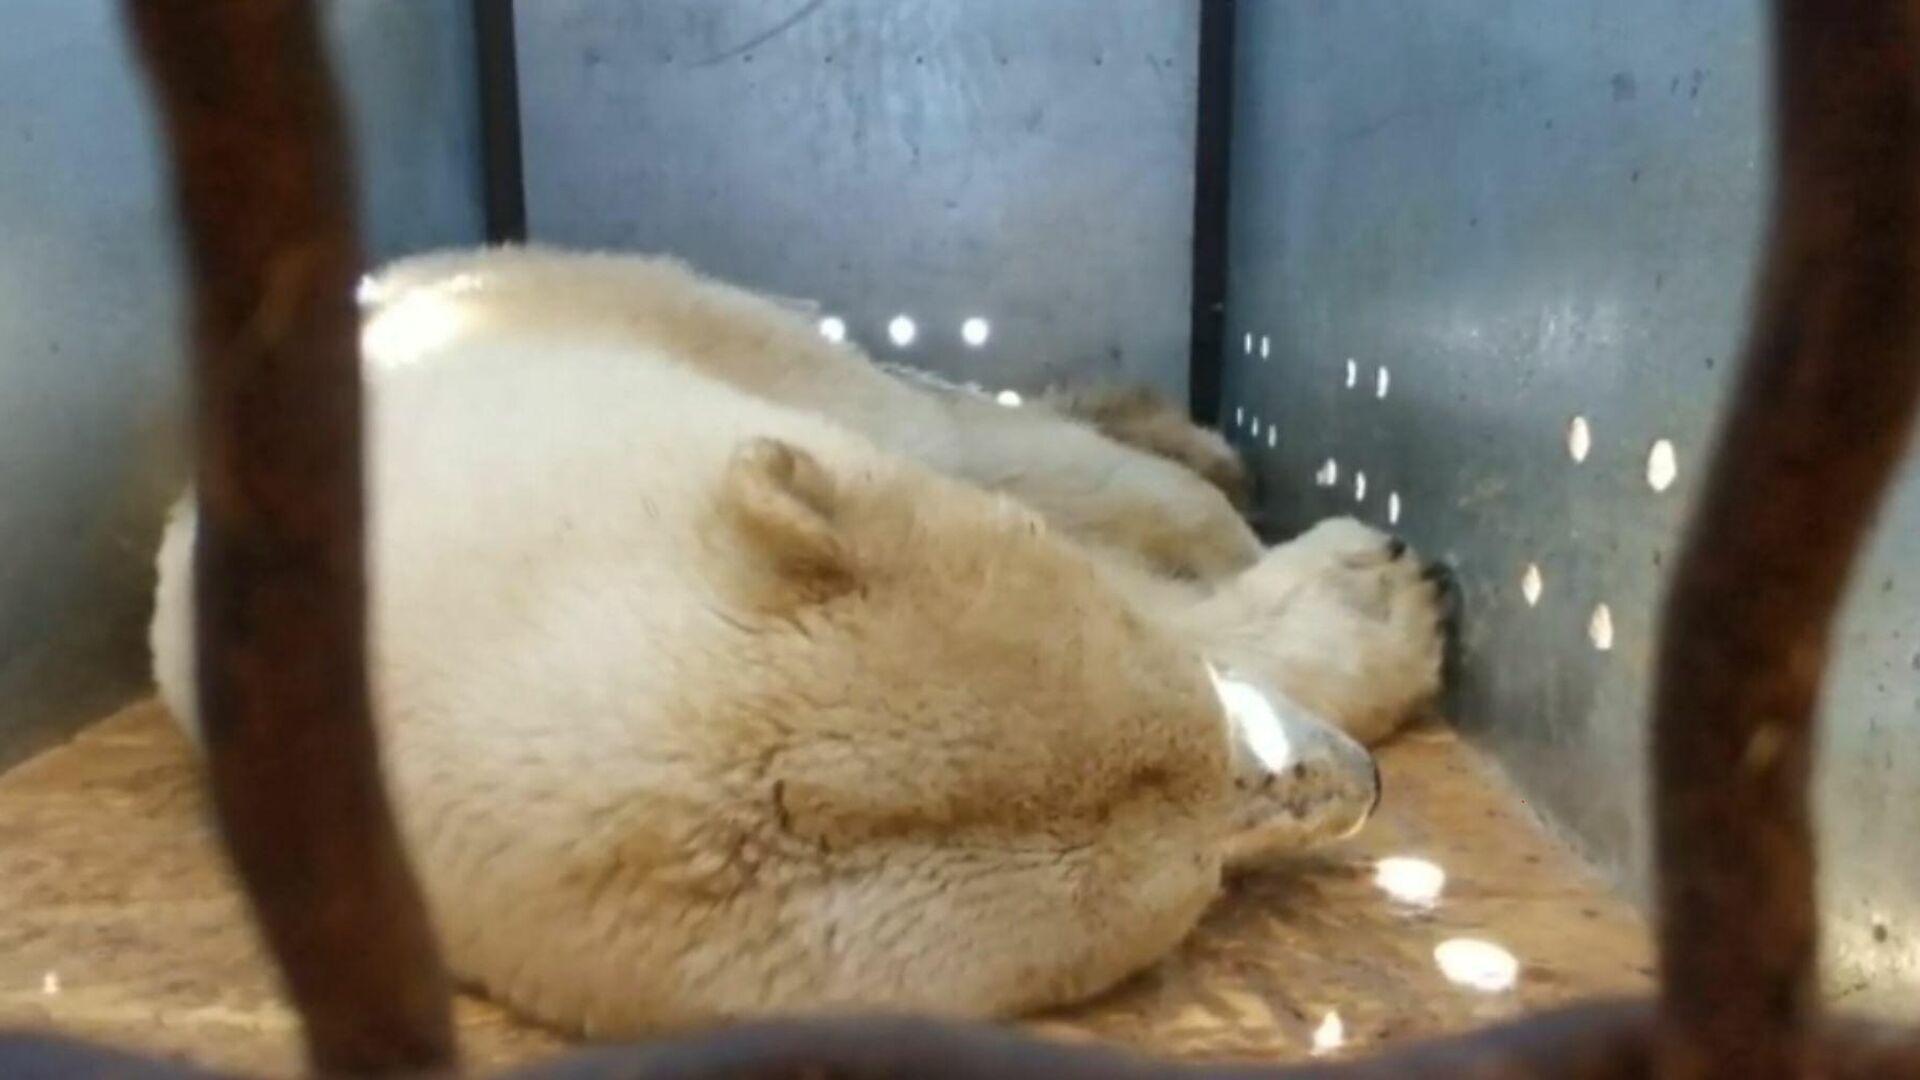 Медведица в транспортной клетке. Скриншот видеозаписи - РИА Новости, 1920, 22.05.2021